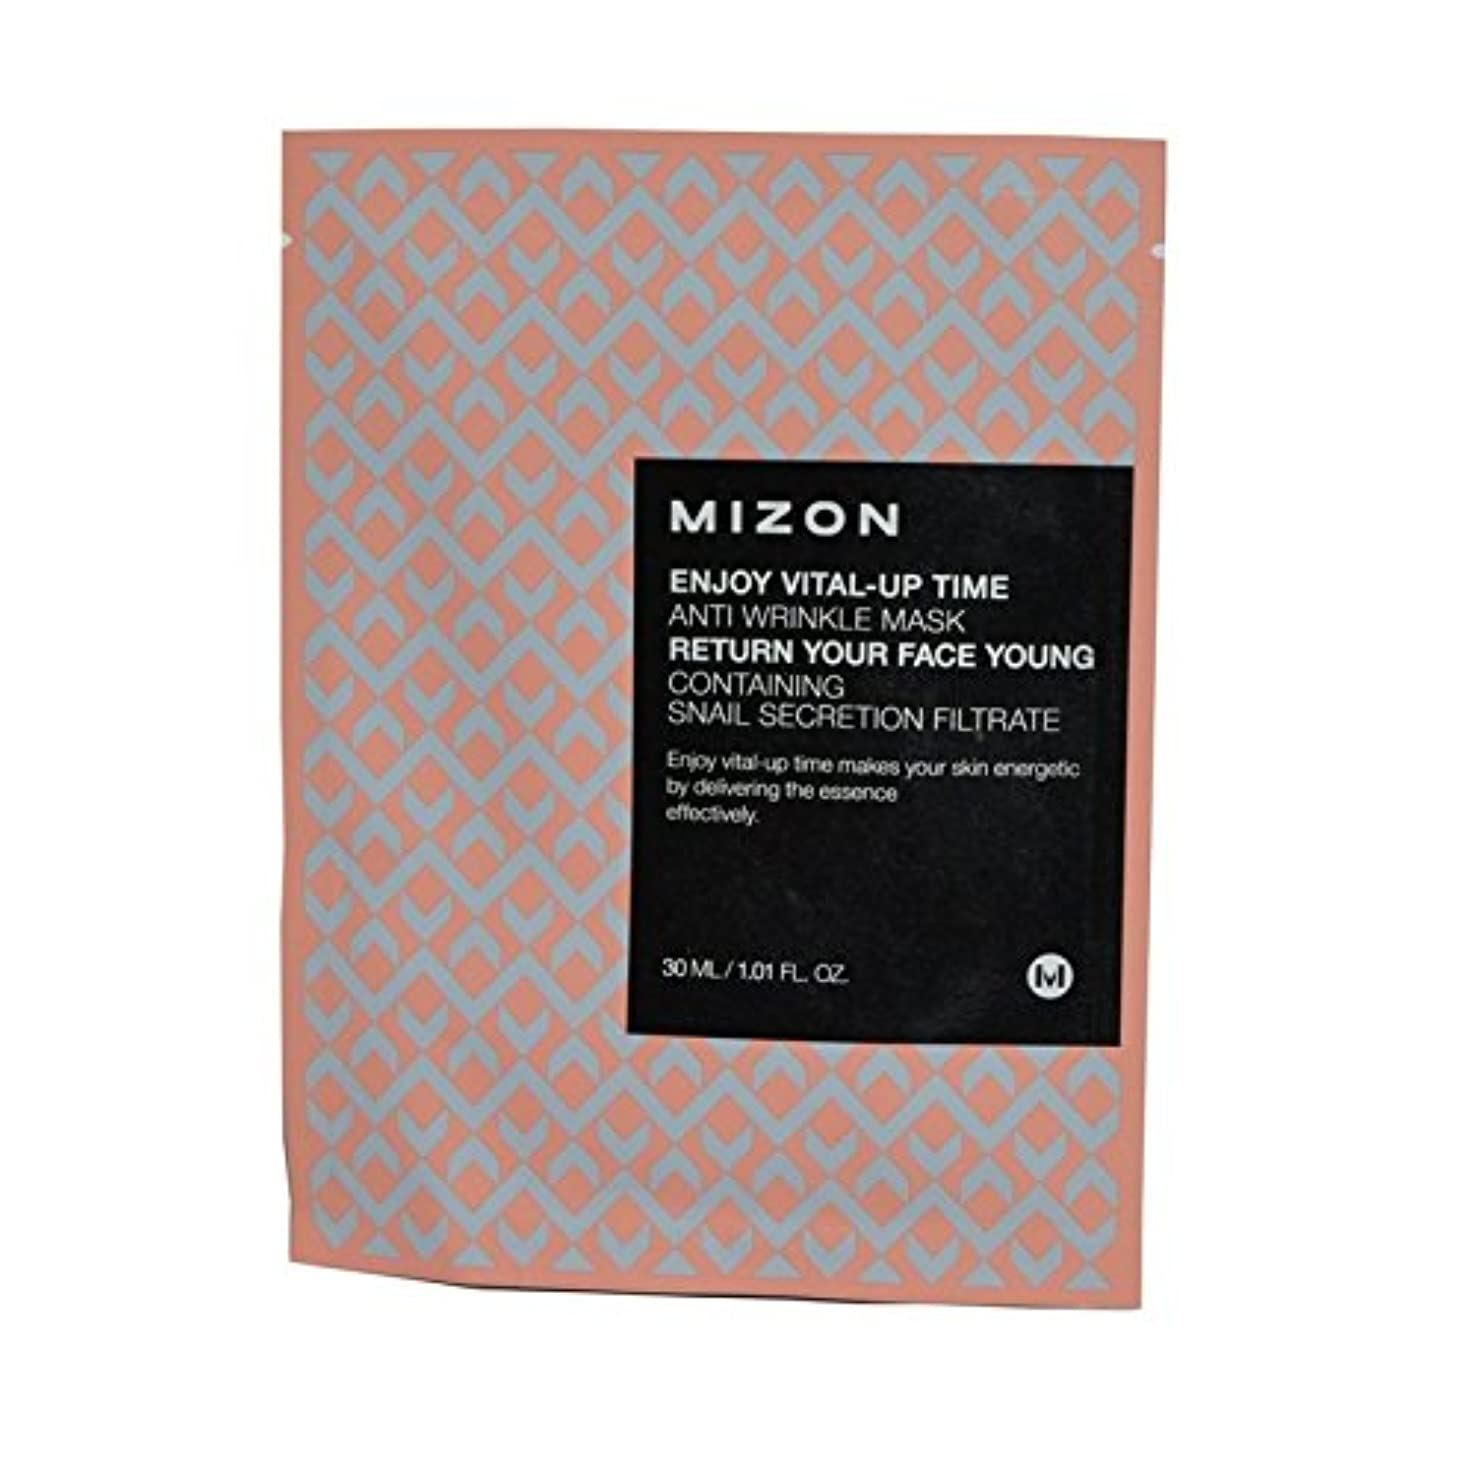 いう喜び雑品が不可欠アップ時間抗しわマスクを楽しみます x2 - Mizon Enjoy Vital Up Time Anti-Wrinkle Mask (Pack of 2) [並行輸入品]